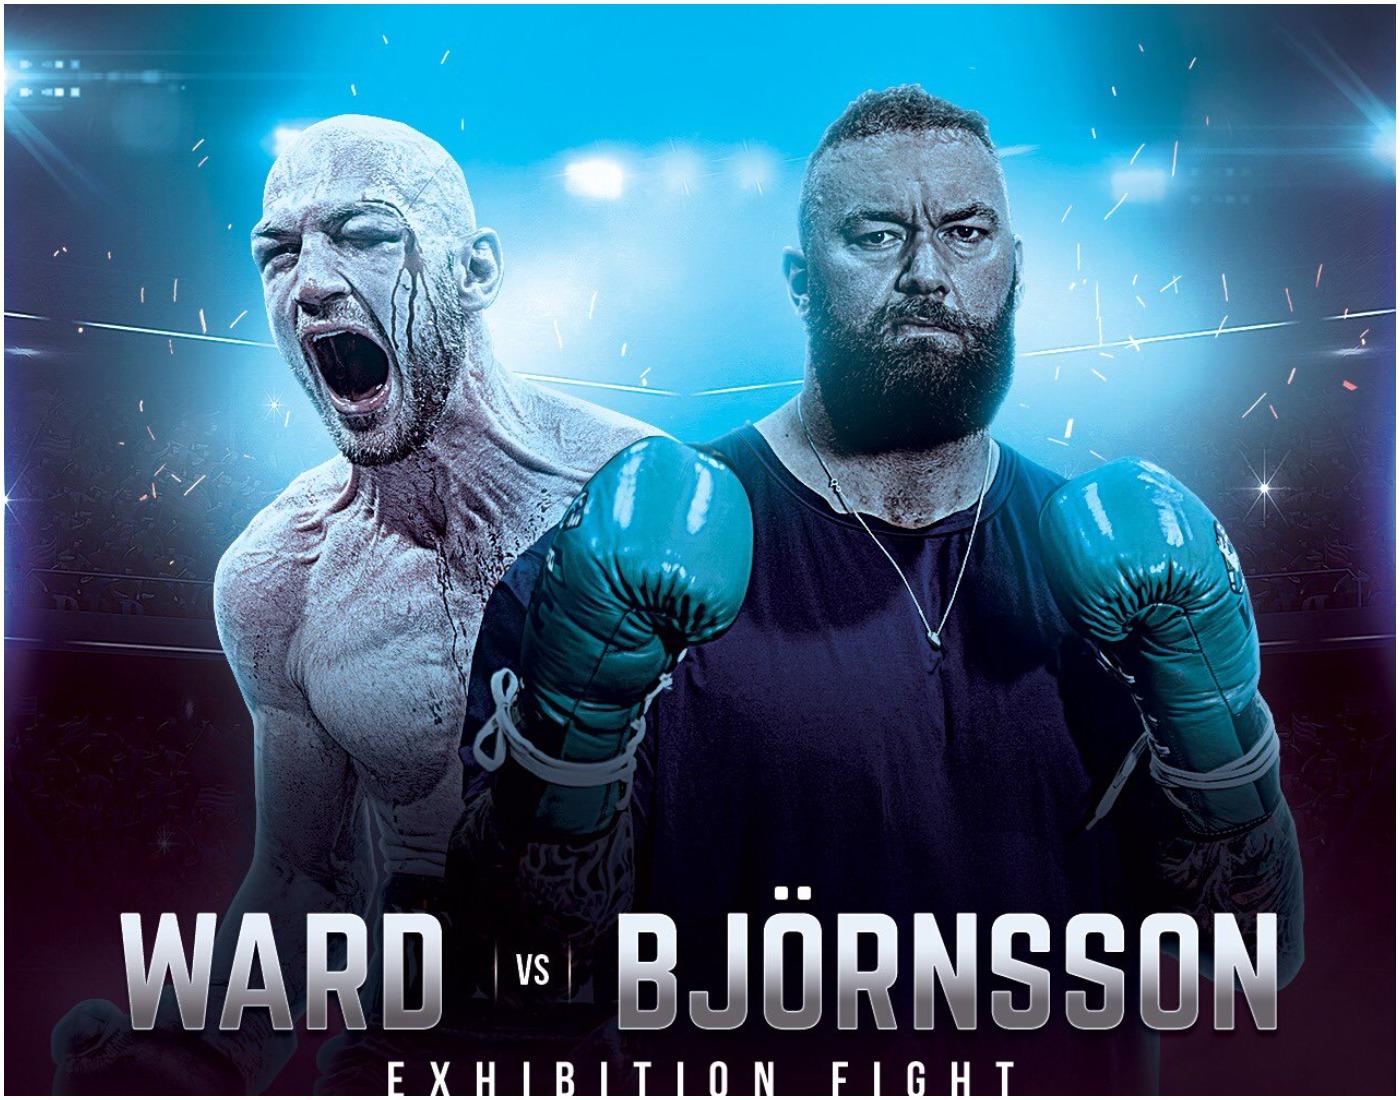 Хафтор Бьорнсон дебютира в бокса срещу Стивън Уорд